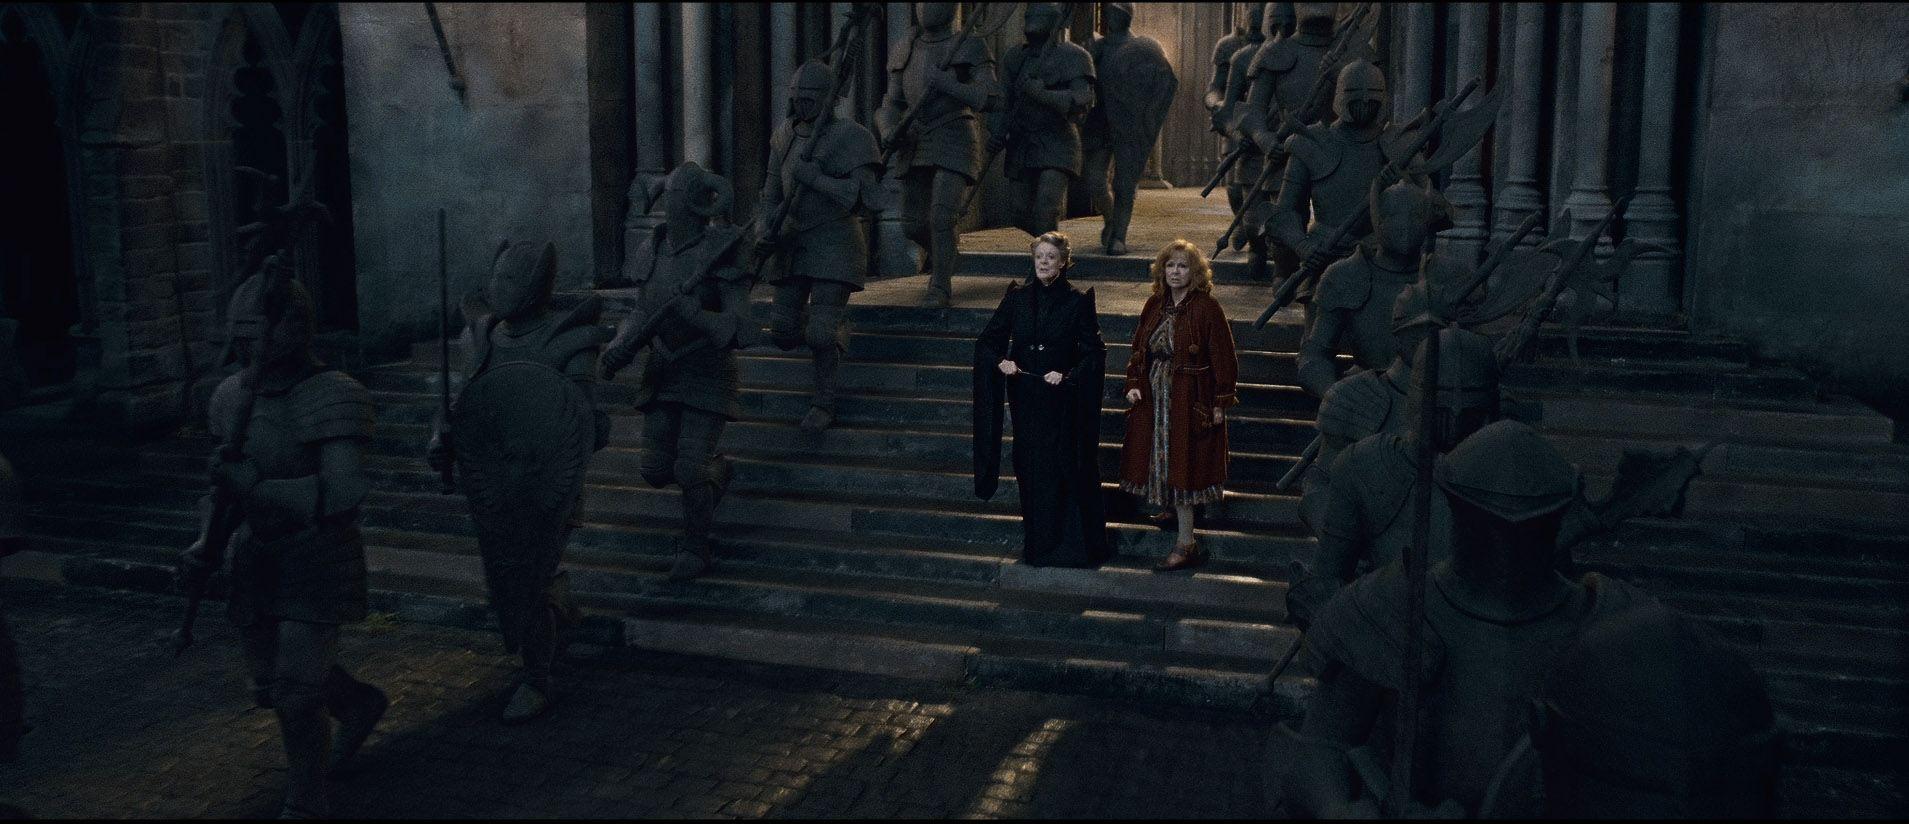 кадры из фильма Гарри Поттер и Дары Смерти: Часть вторая Мэгги Смит, Джули Уолтерс,